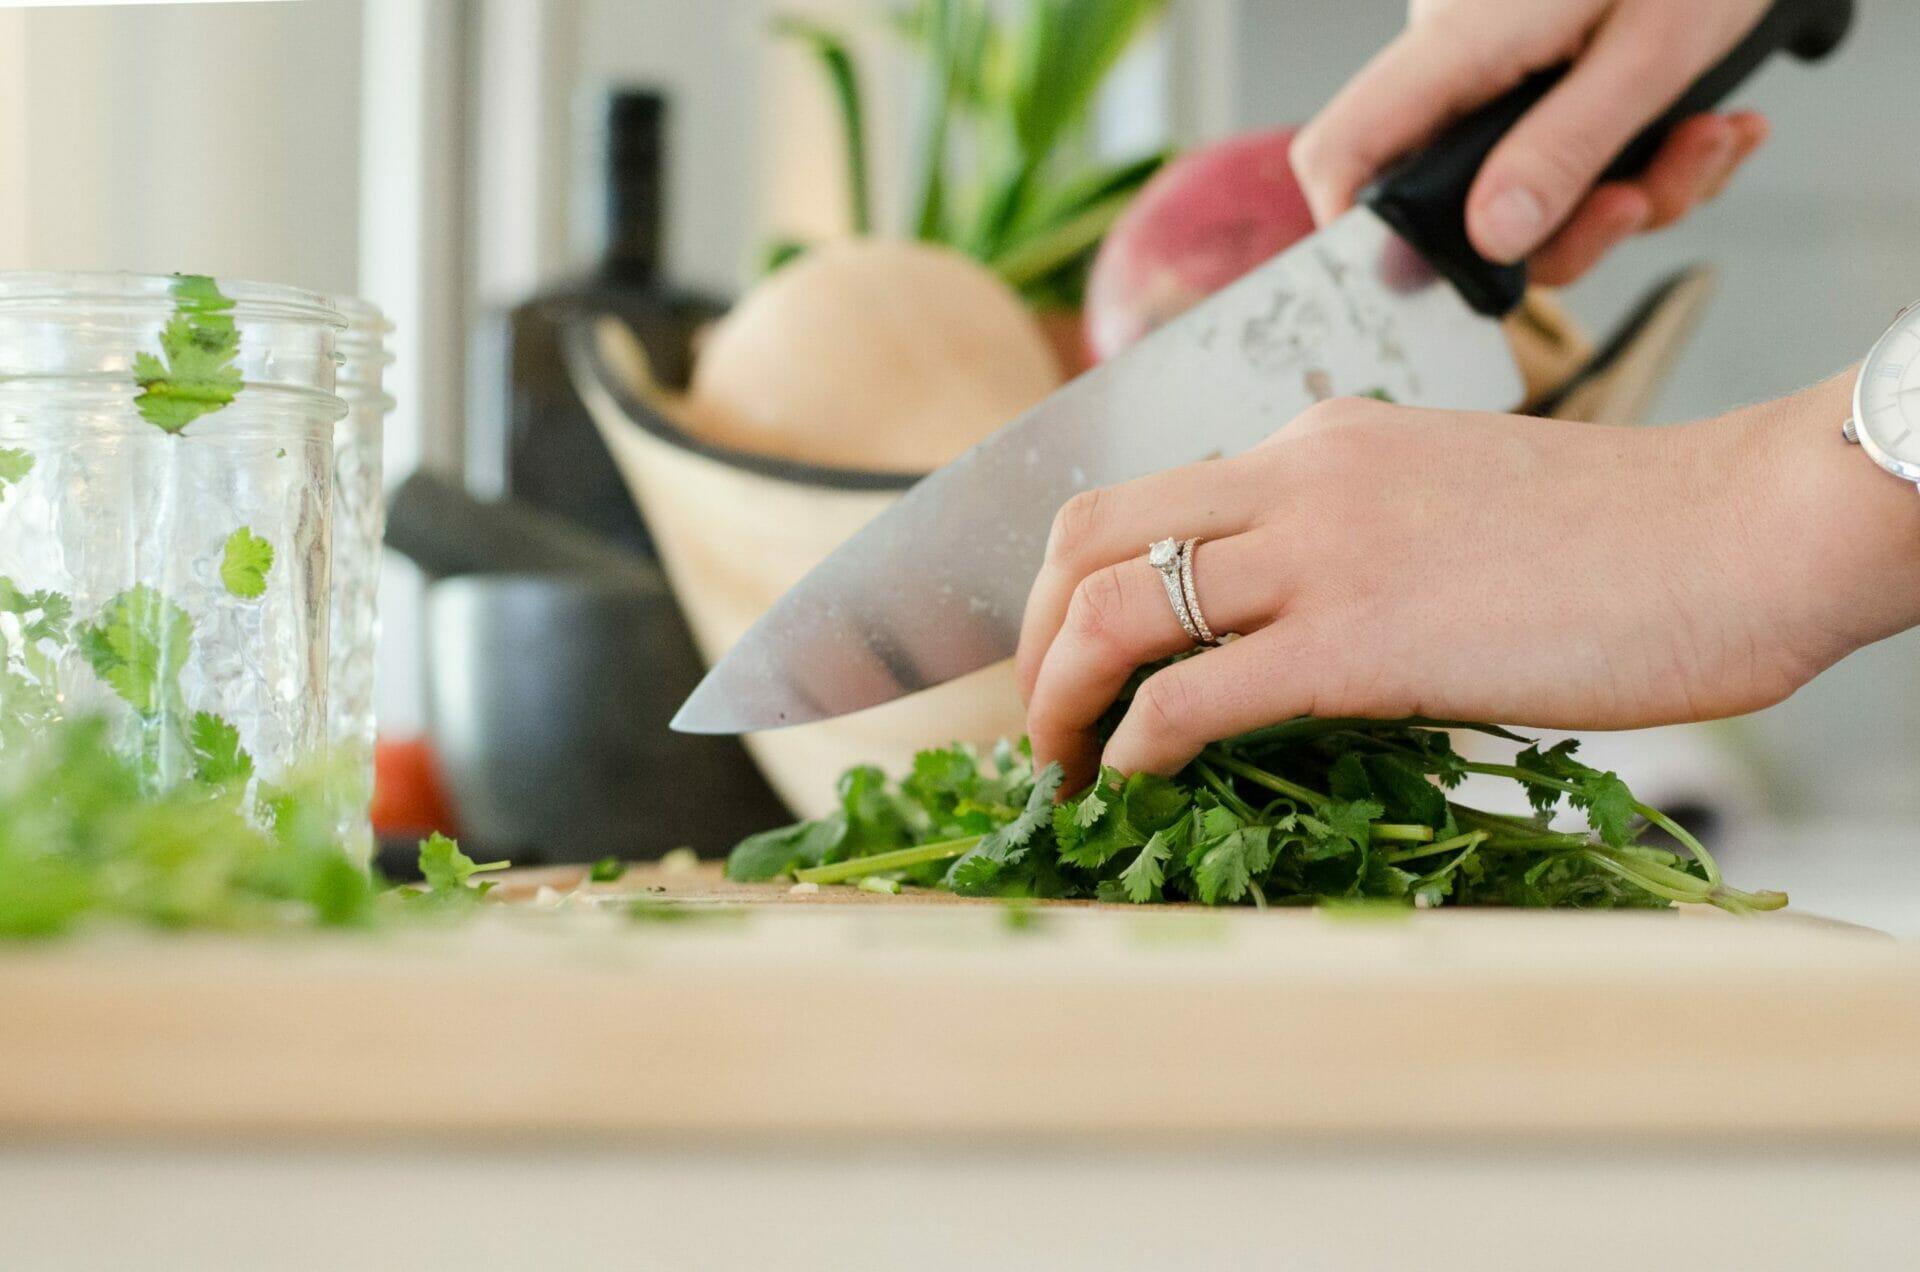 preparar comida saludable